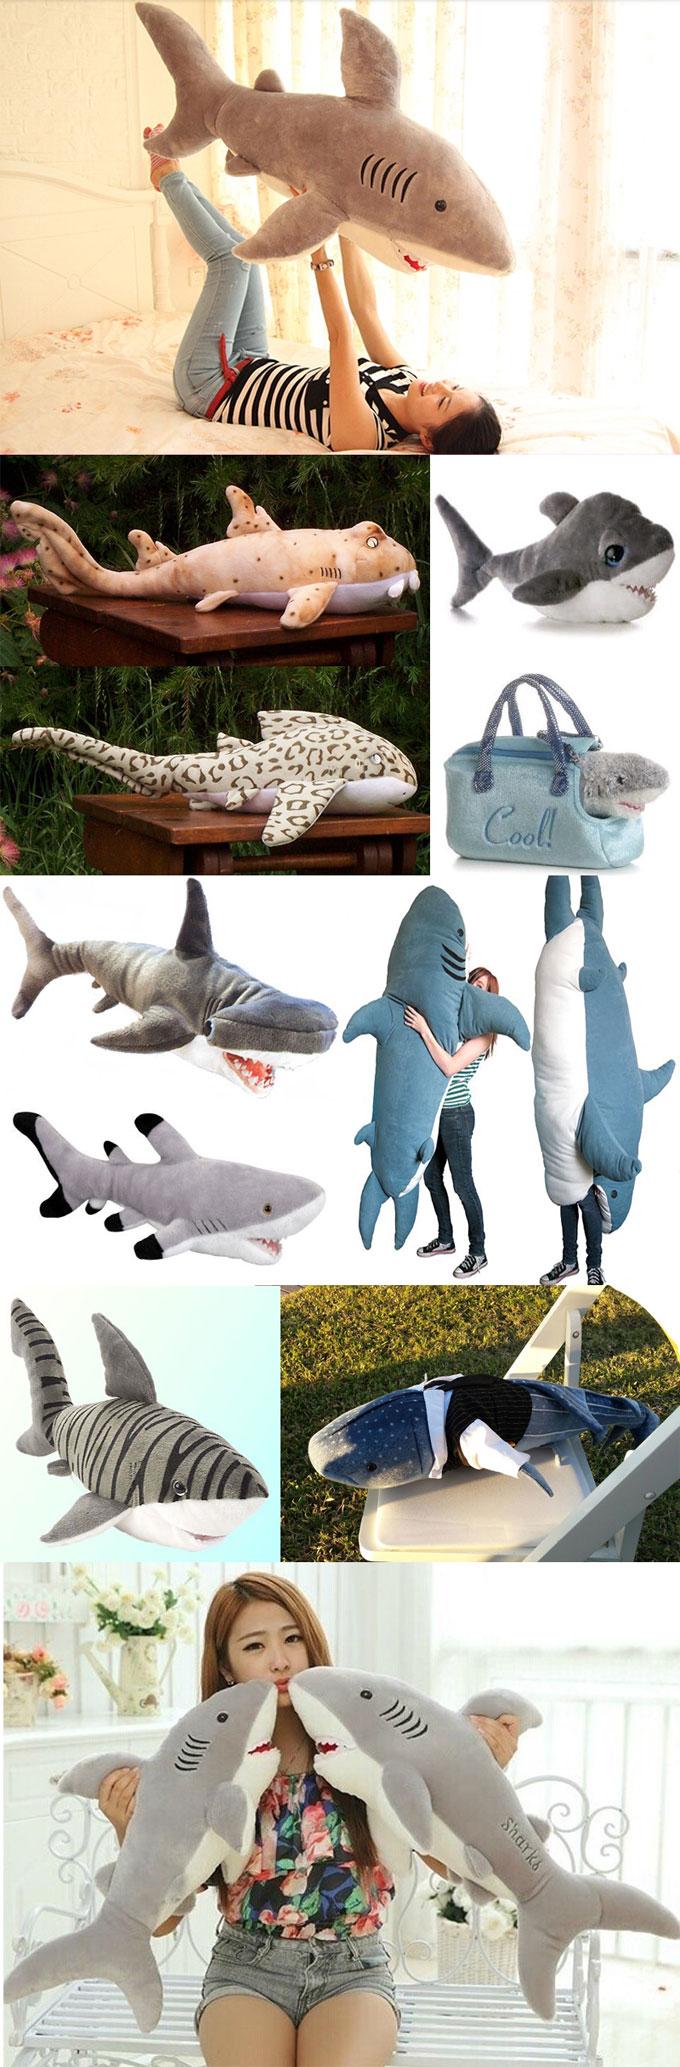 Фотографии мягких плюшевых игрушек Акулы